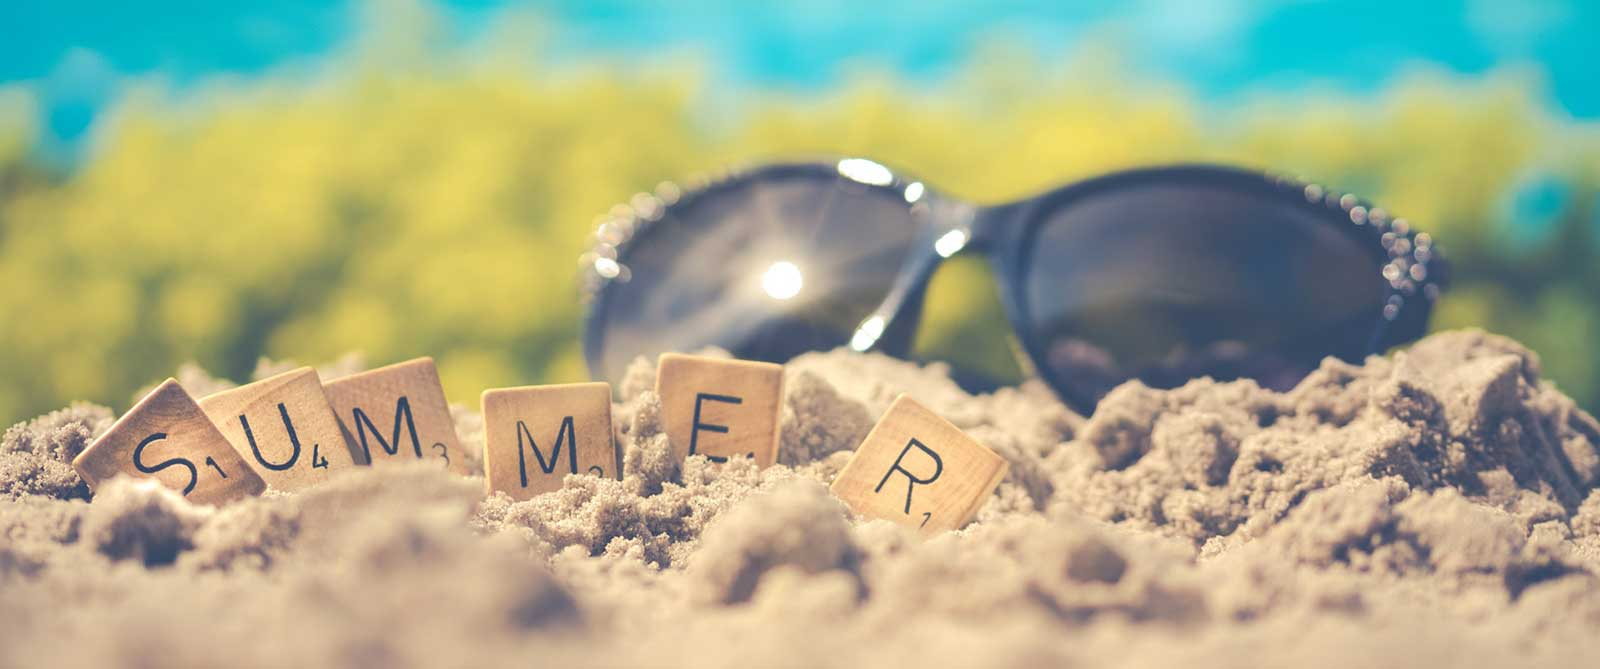 Nederland heeft kortste zomervakantie ⋆ Schoolvakanties-Europa.nl